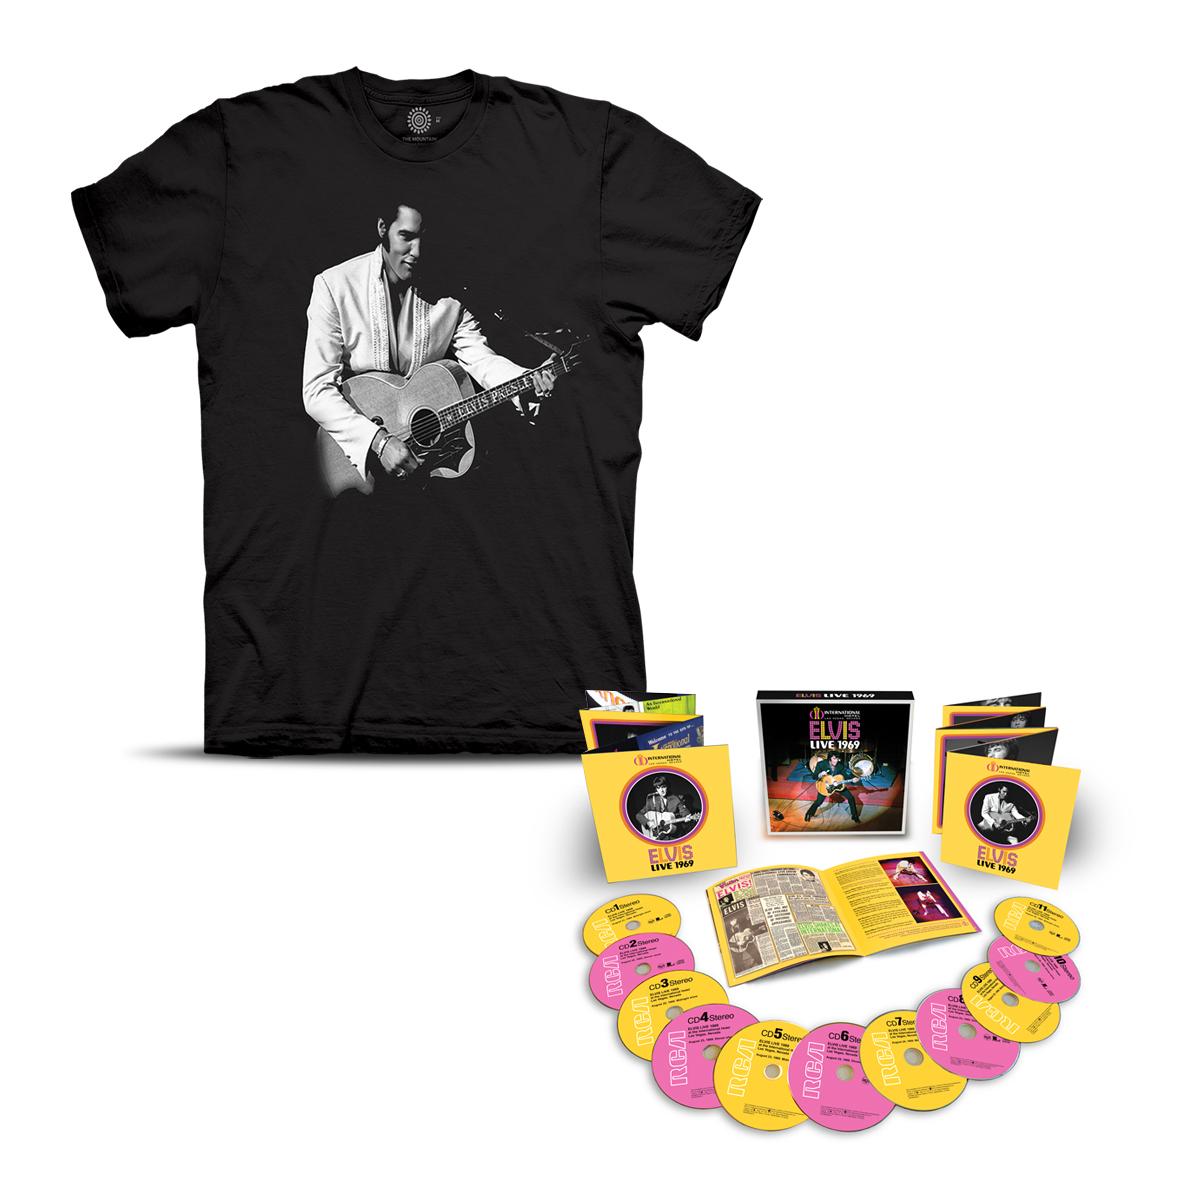 Elvis LIVE 1969 International Hotel T-shirt + CD Bundle